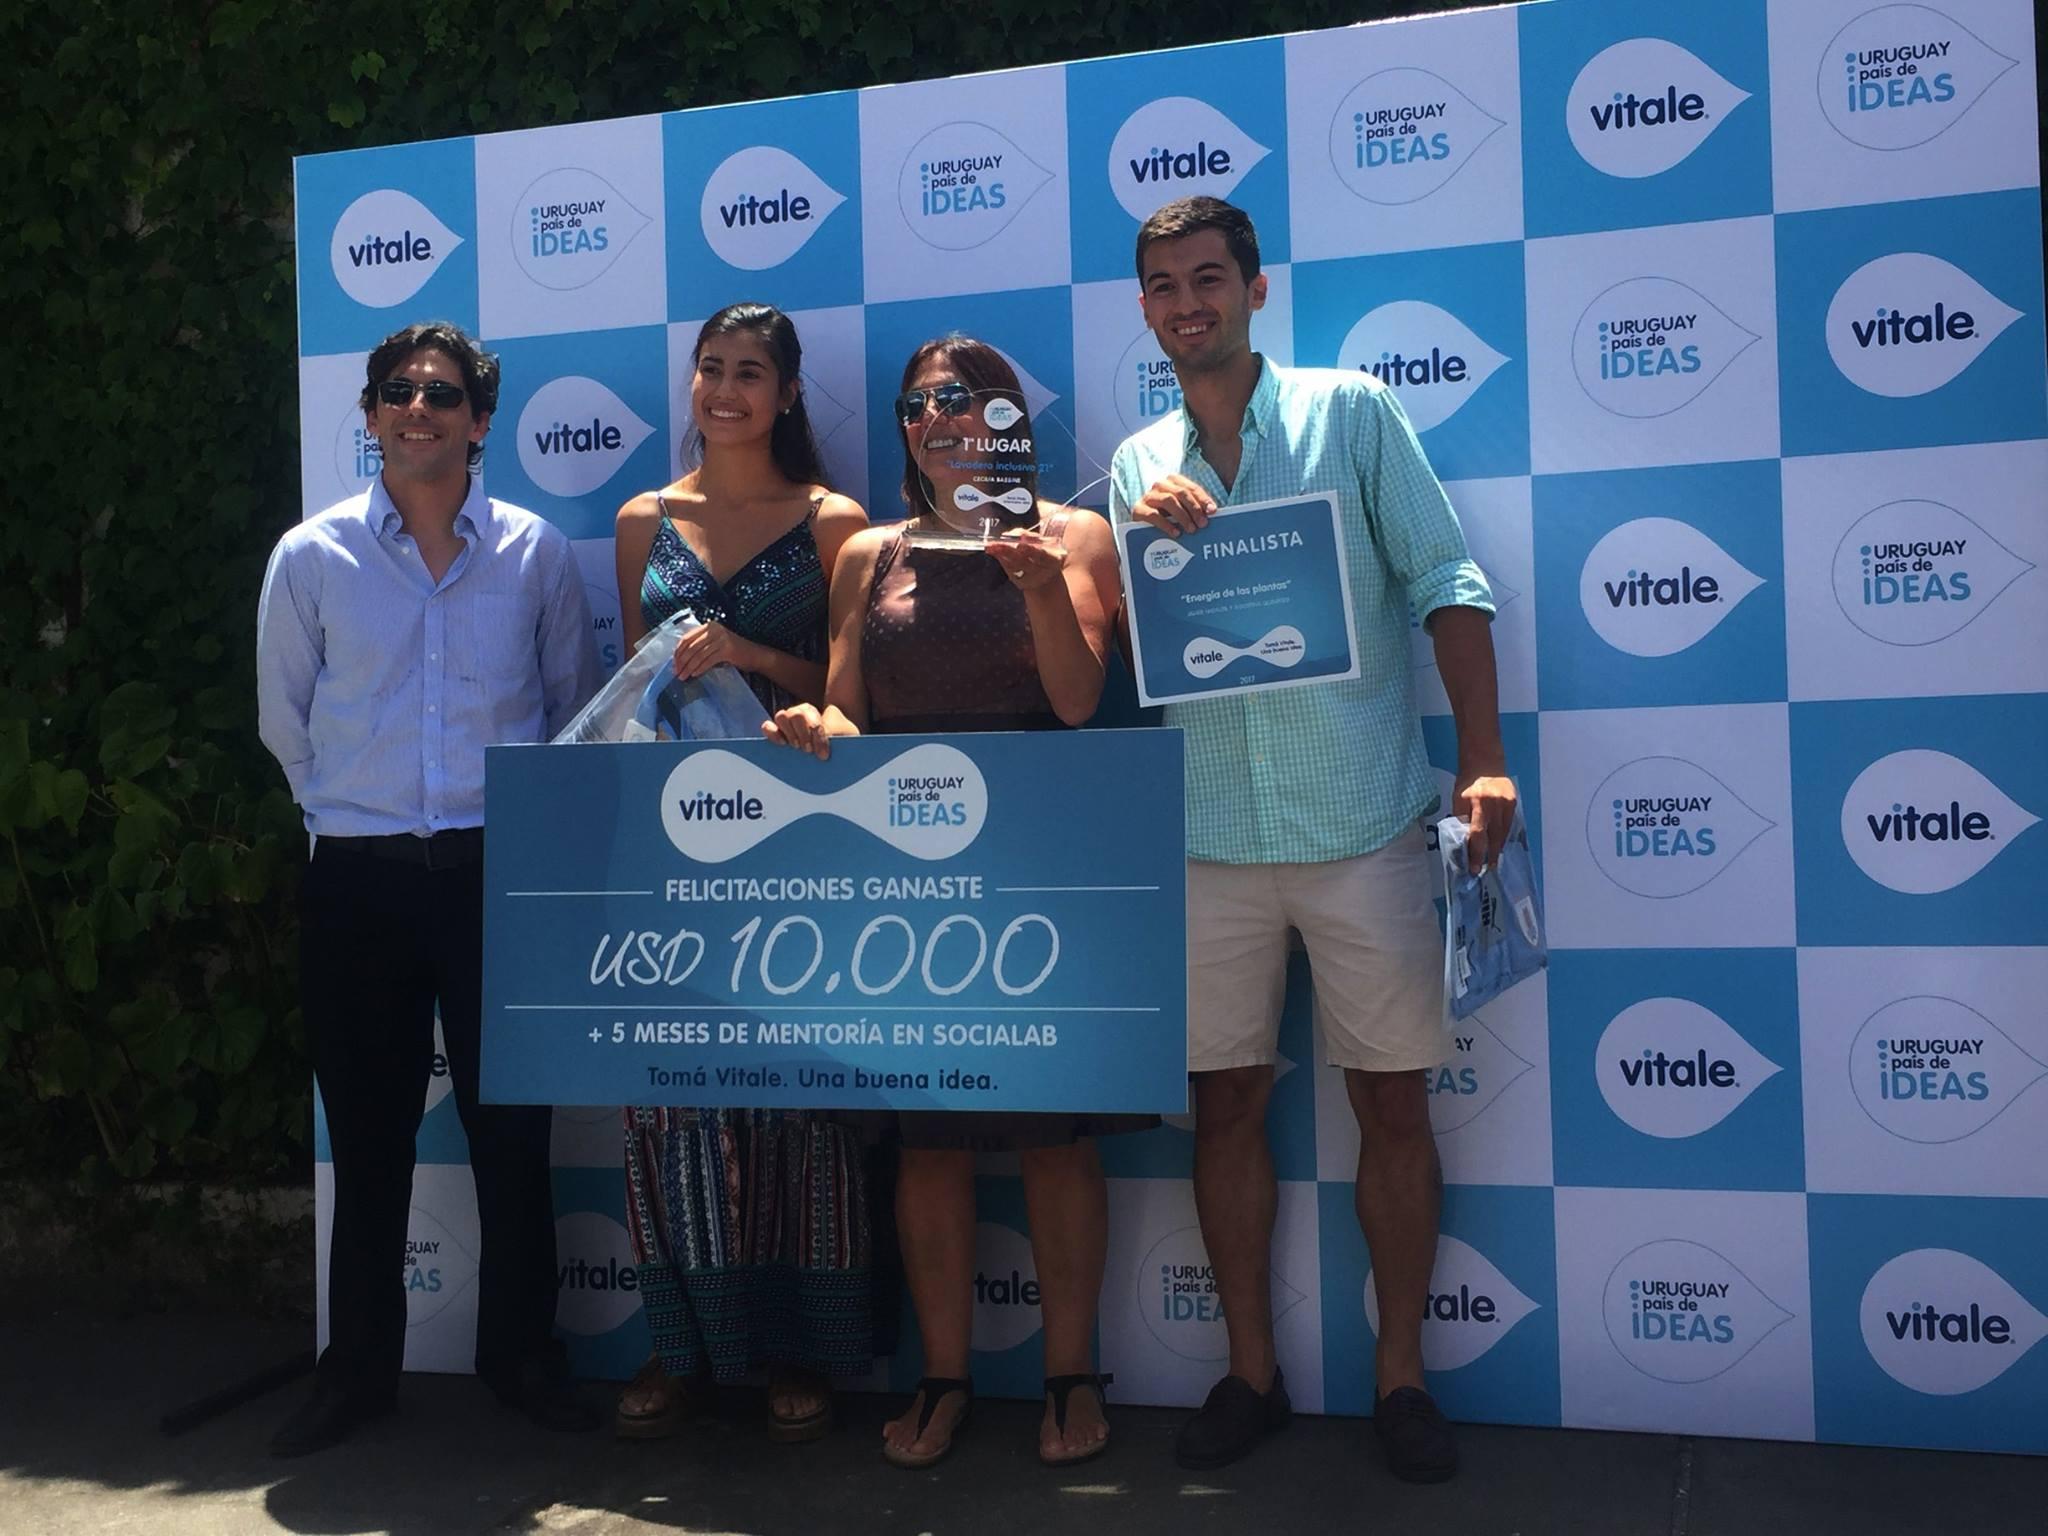 Uruguay país de ideas - Junto a Vitale buscamos a jóvenes emprendedores para apoyar iniciativas innovadoras que requerían de apoyo y guía para concretarlos.Estado: finalizado